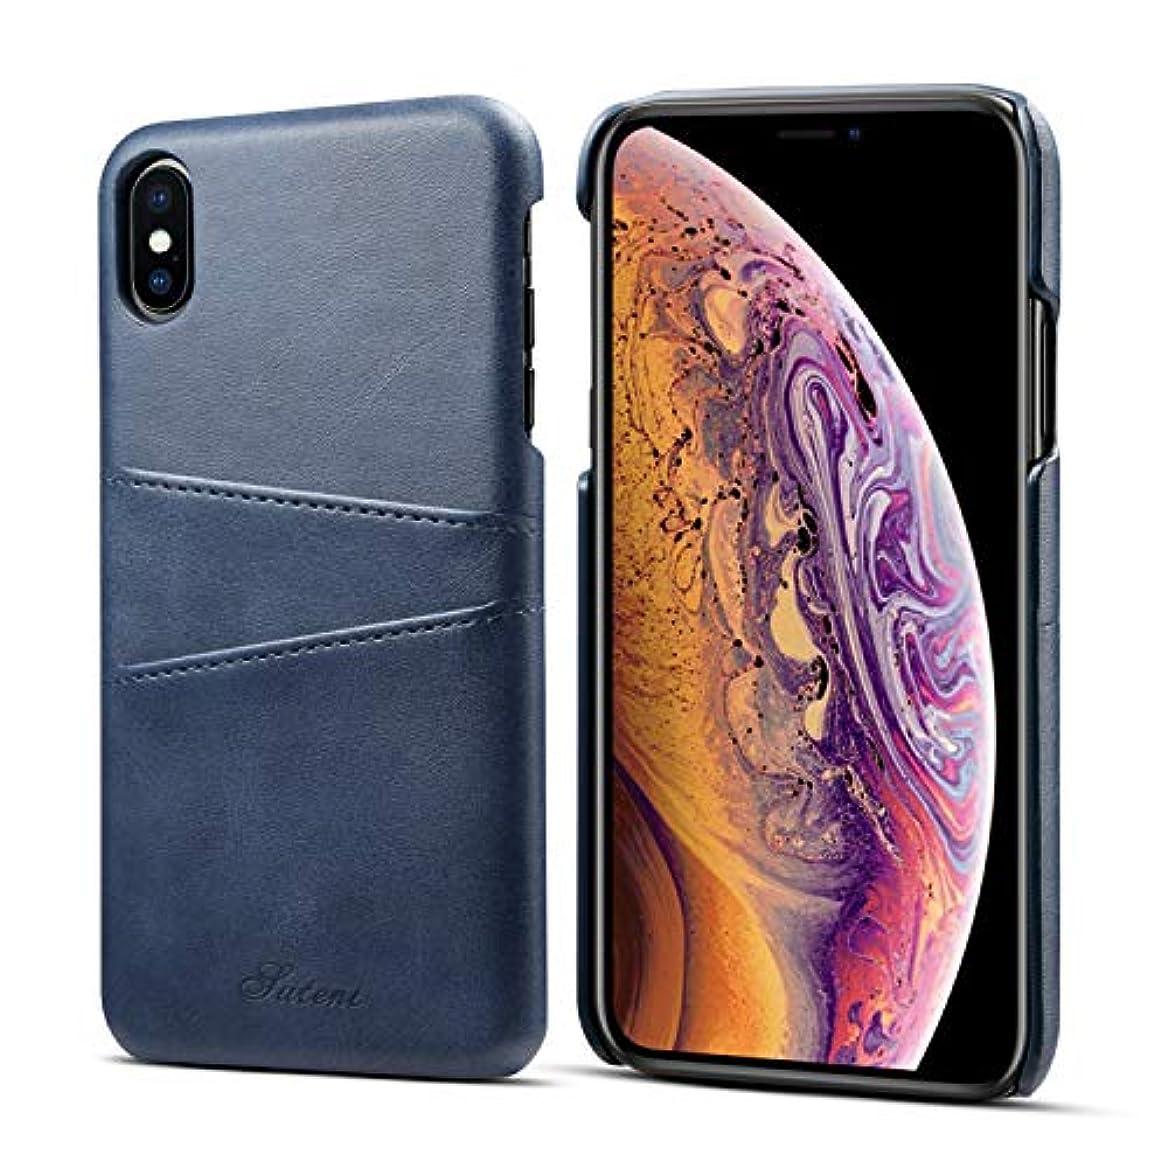 マイクロプロセッサについて対立iPhone XS Maxのための財布ケース、カード/ IDホルダースロット付きtaStoneプレミアムPUレザー電話ケースカバー6.5インチiPhone XS Maxのための軽量クラシックスタイルスリム保護スクリーンケース...